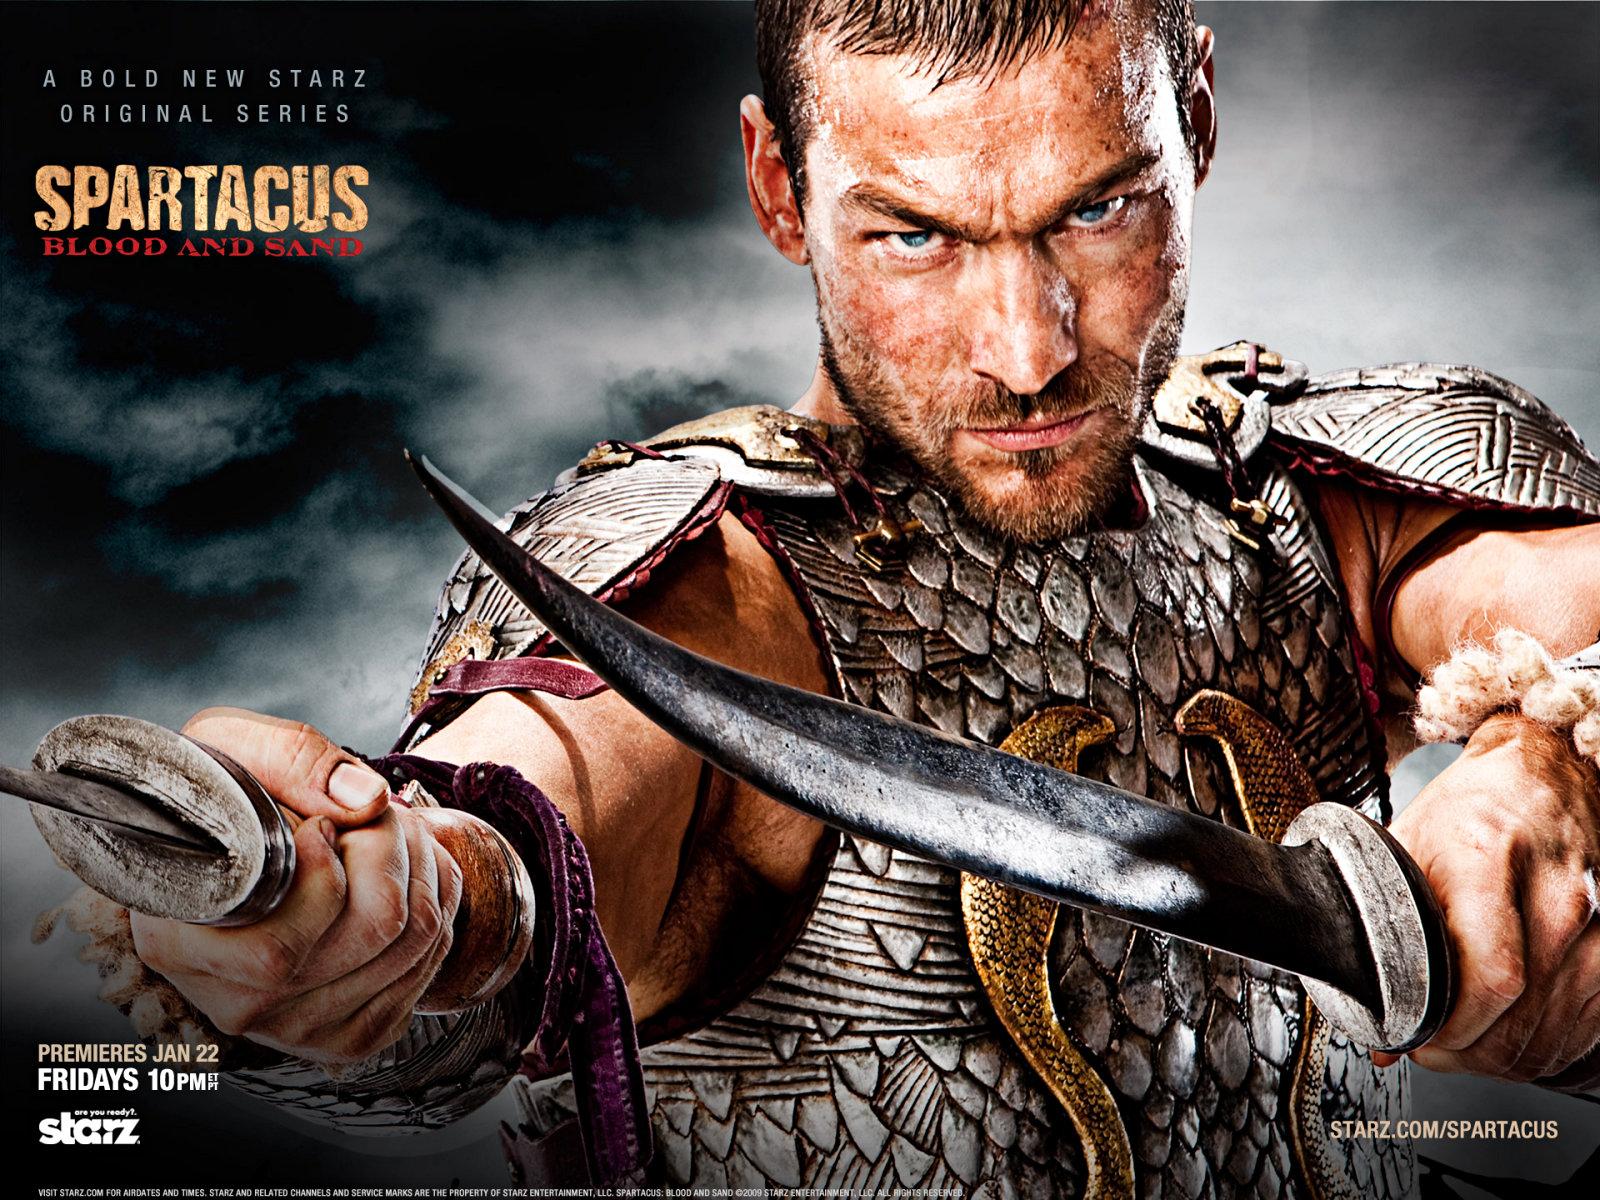 http://4.bp.blogspot.com/-1_Y2qlZoevE/TZSpnAKVr0I/AAAAAAAAApc/_7jcW3r0BiA/s1600/Spartacus-Blood-and-Sand-wallpaper-3.jpg